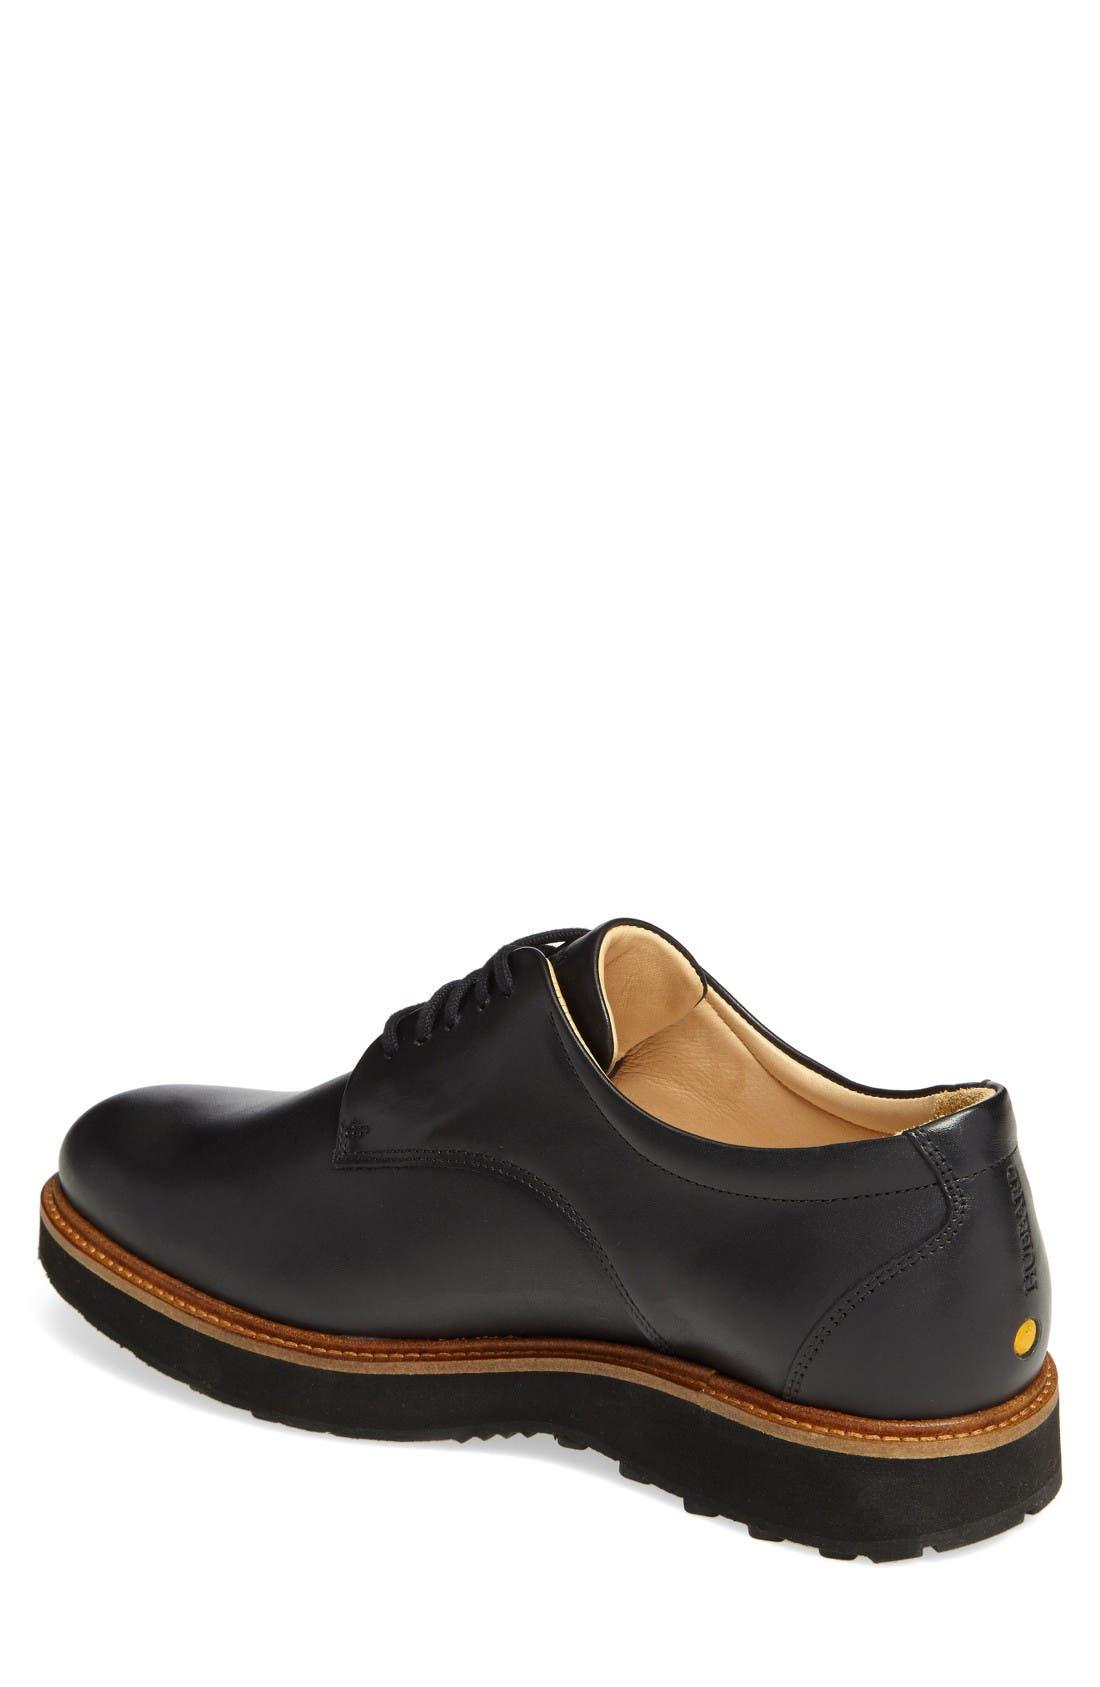 f508db412de Men s Samuel Hubbard Shoes